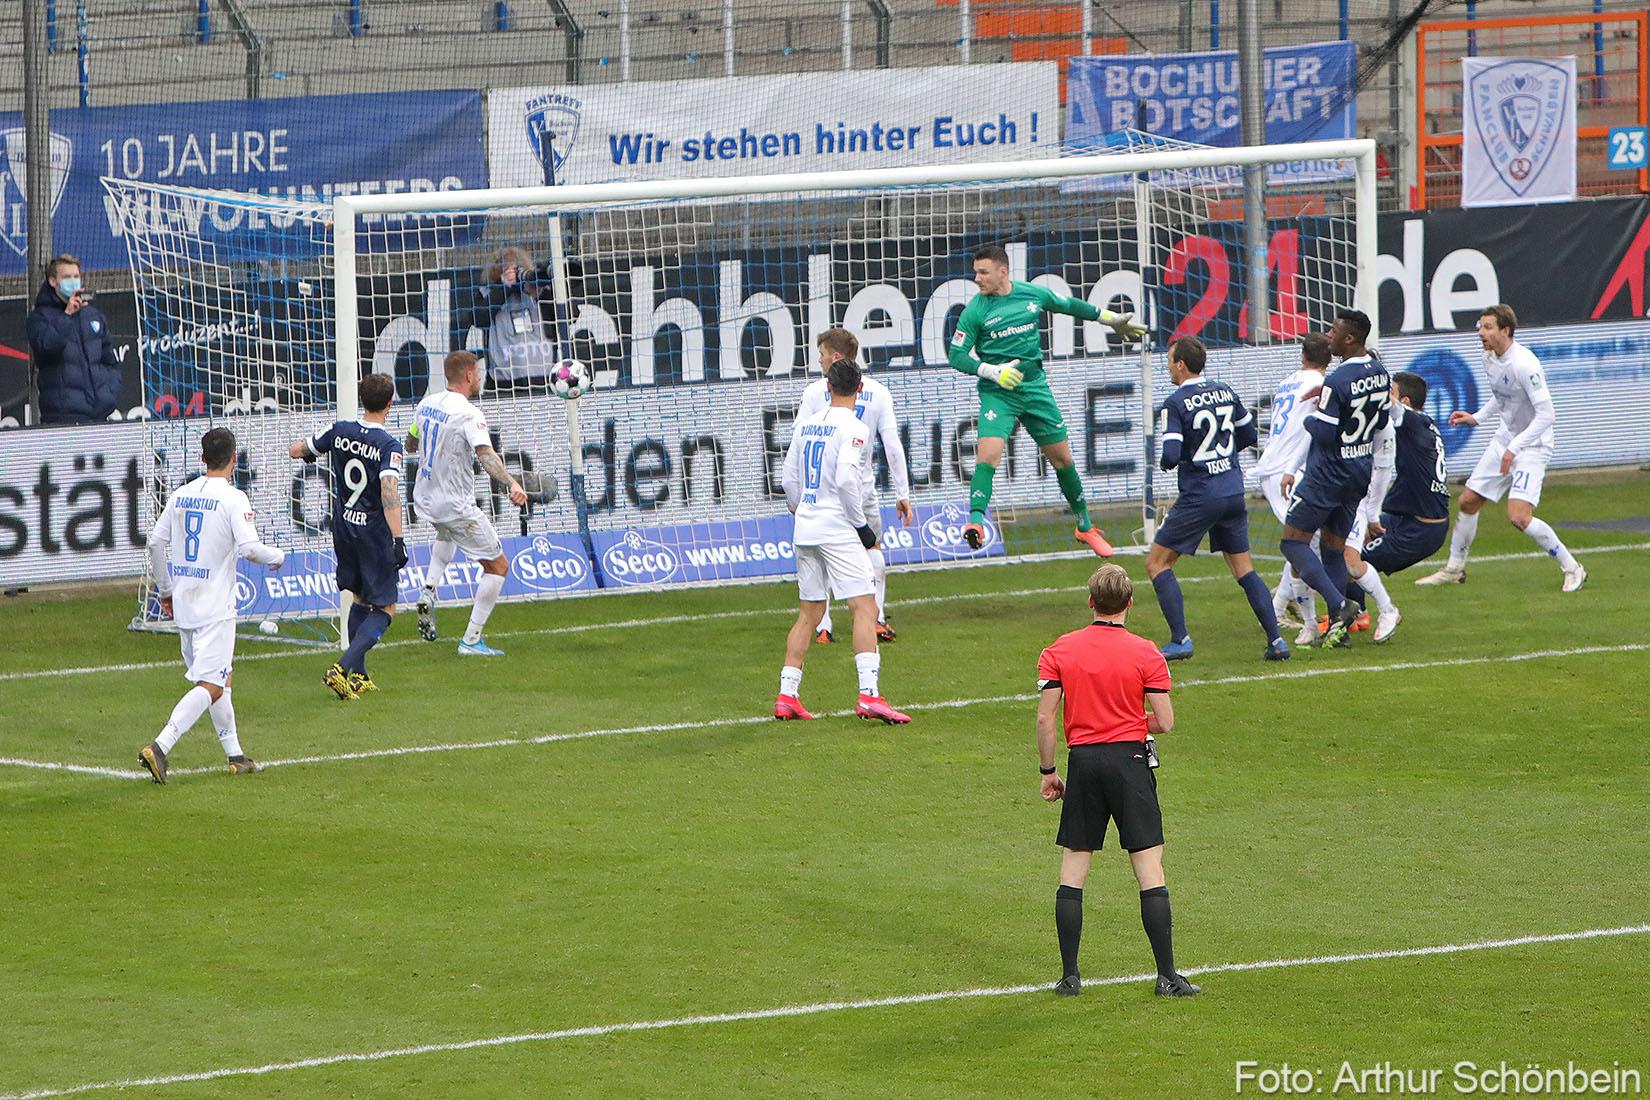 Bochum – zuletzt ein Angstgegner für den SV Darmstadt 98